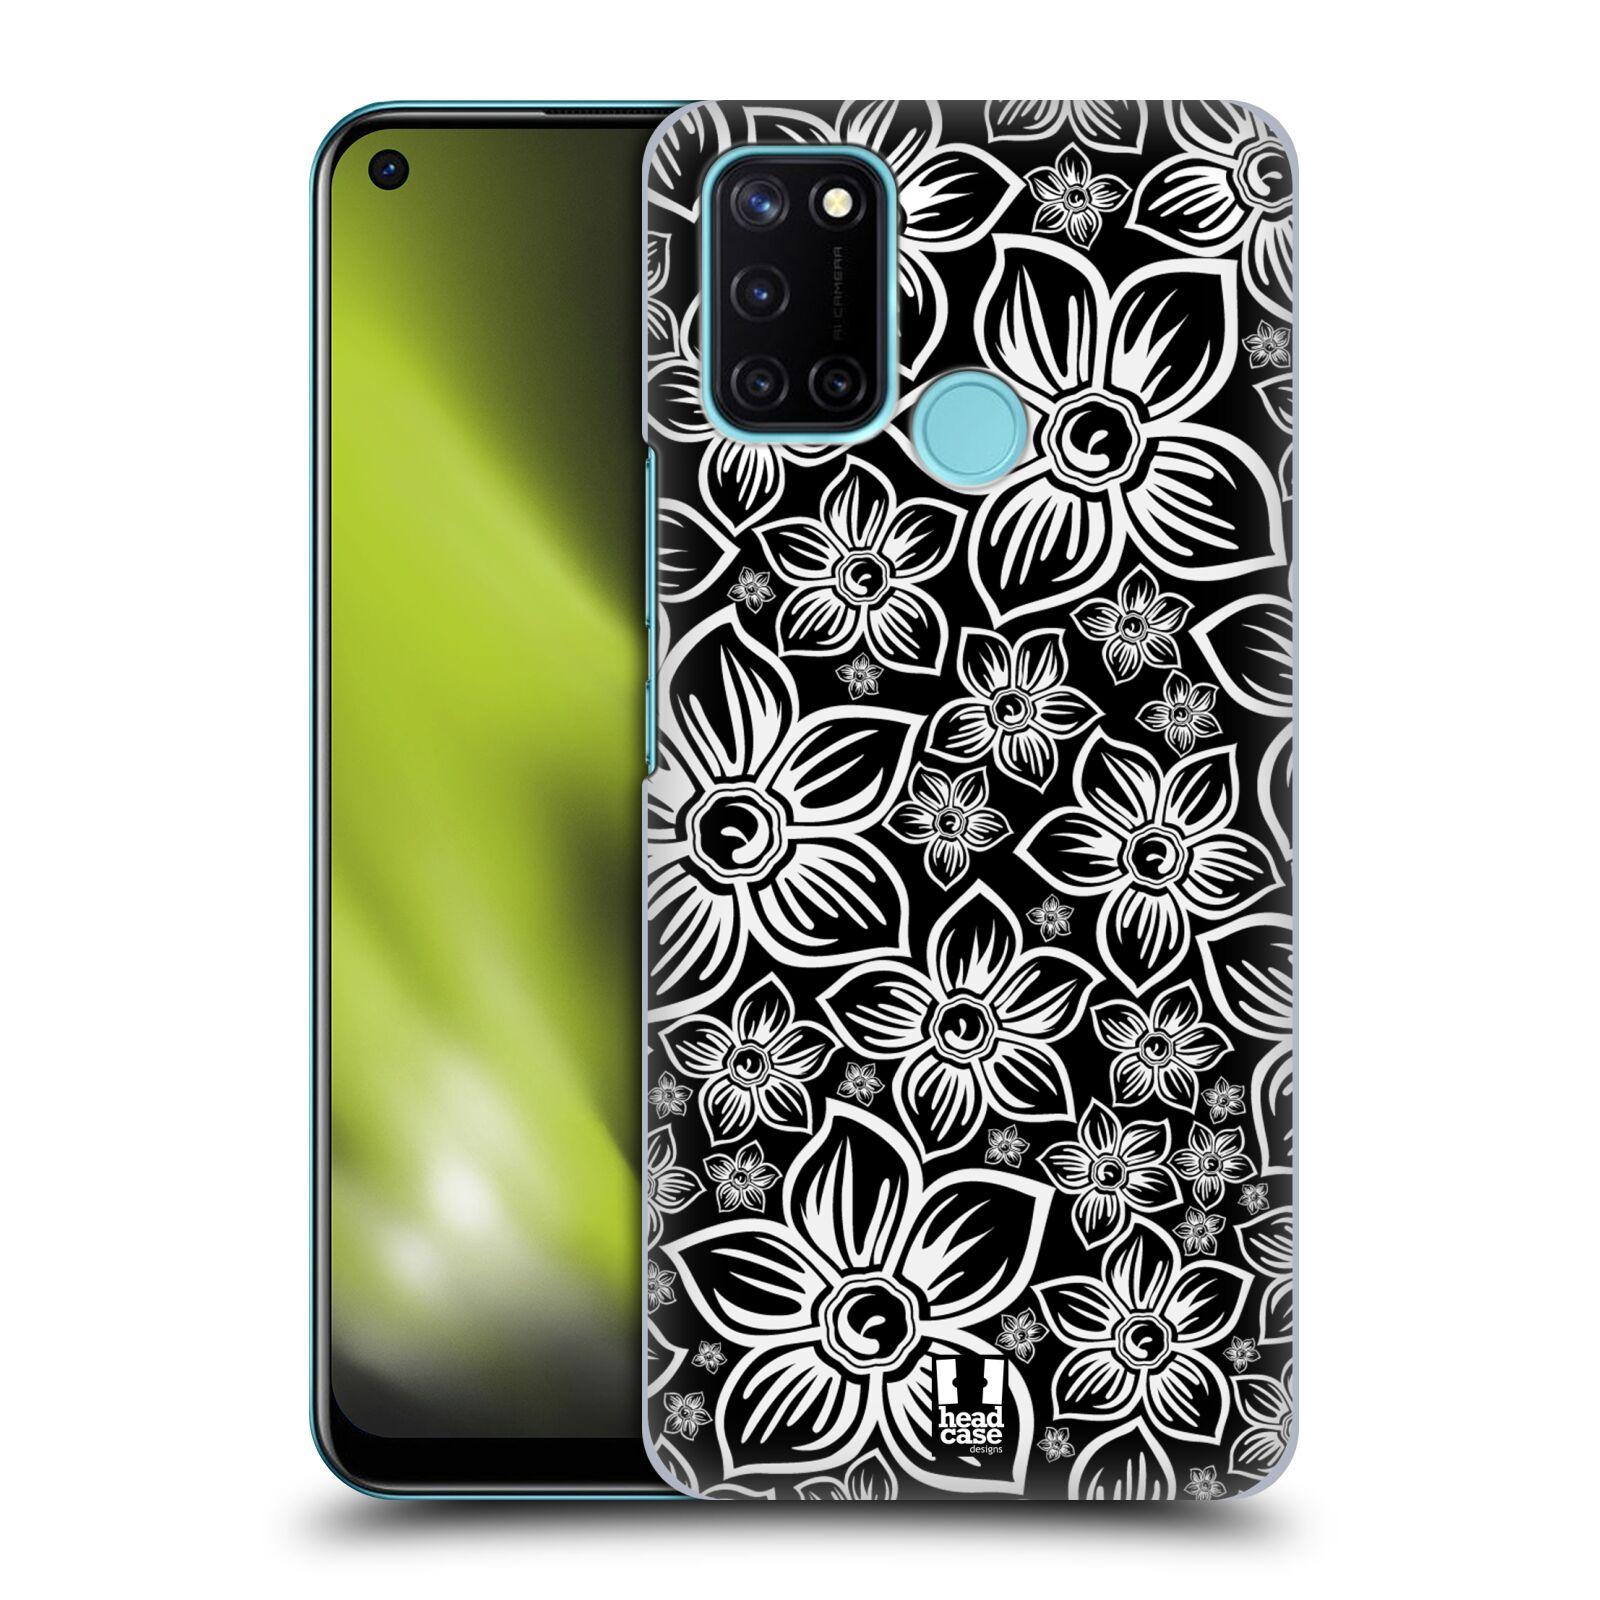 Plastové pouzdro na mobil Realme 7i - Head Case - FLORAL DAISY